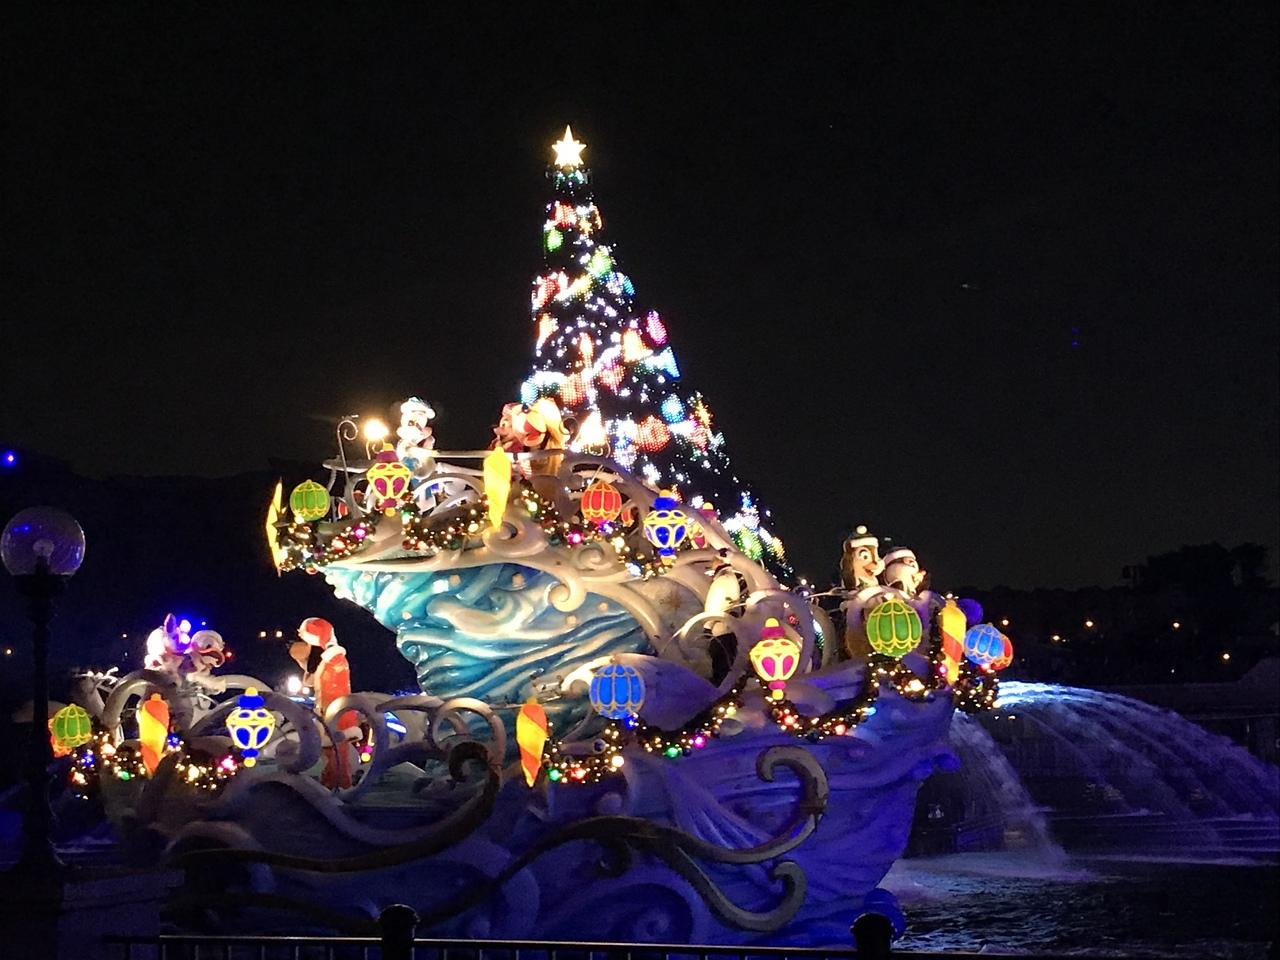 2017クリスマス子連れディズニーシー』東京ディズニーリゾート(千葉県)の